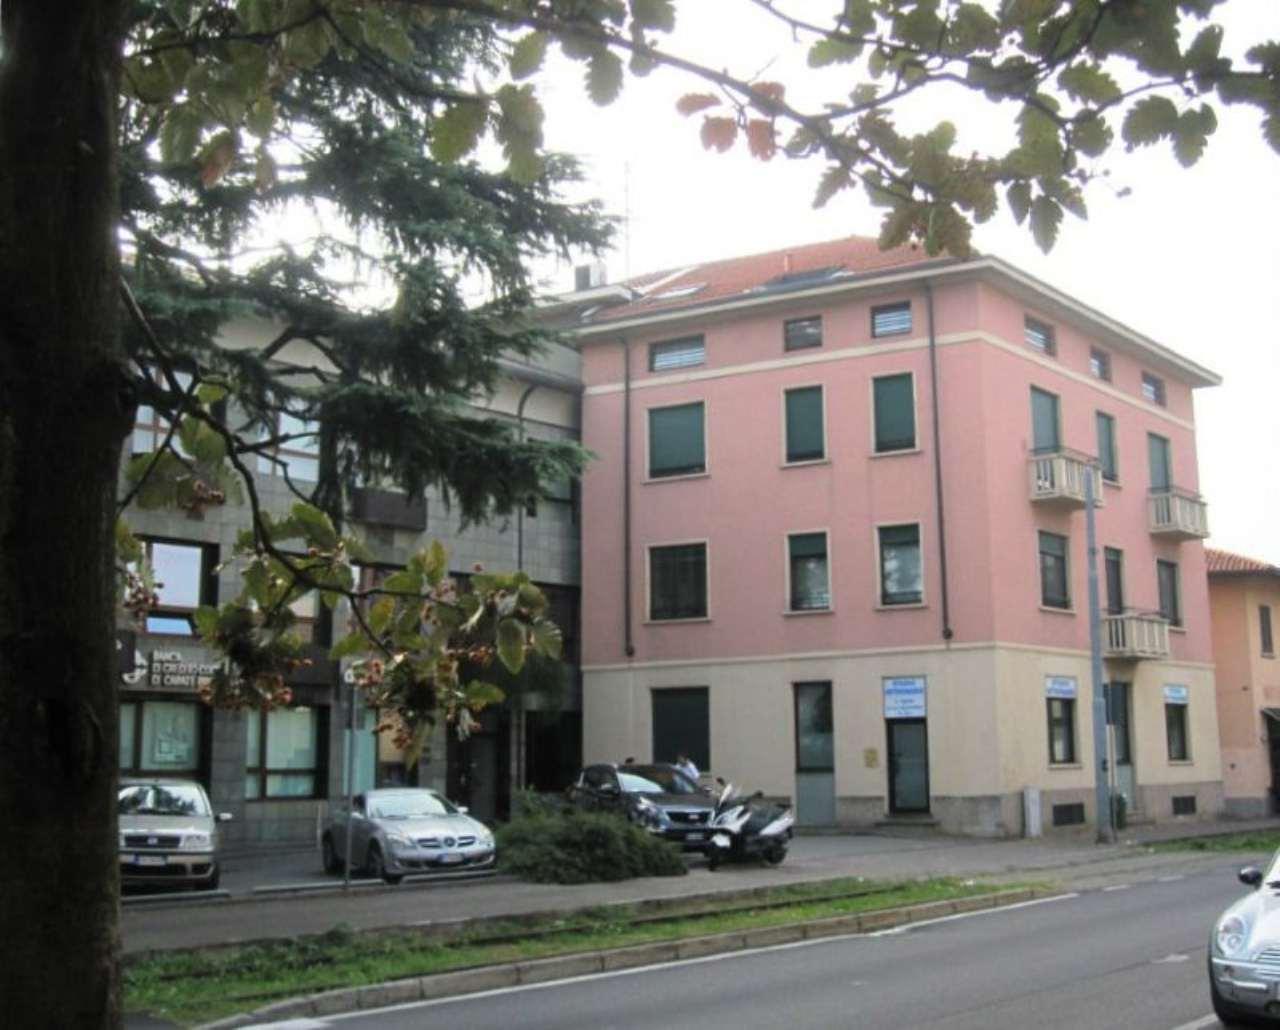 Ufficio / Studio in affitto a Desio, 3 locali, prezzo € 600 | Cambio Casa.it